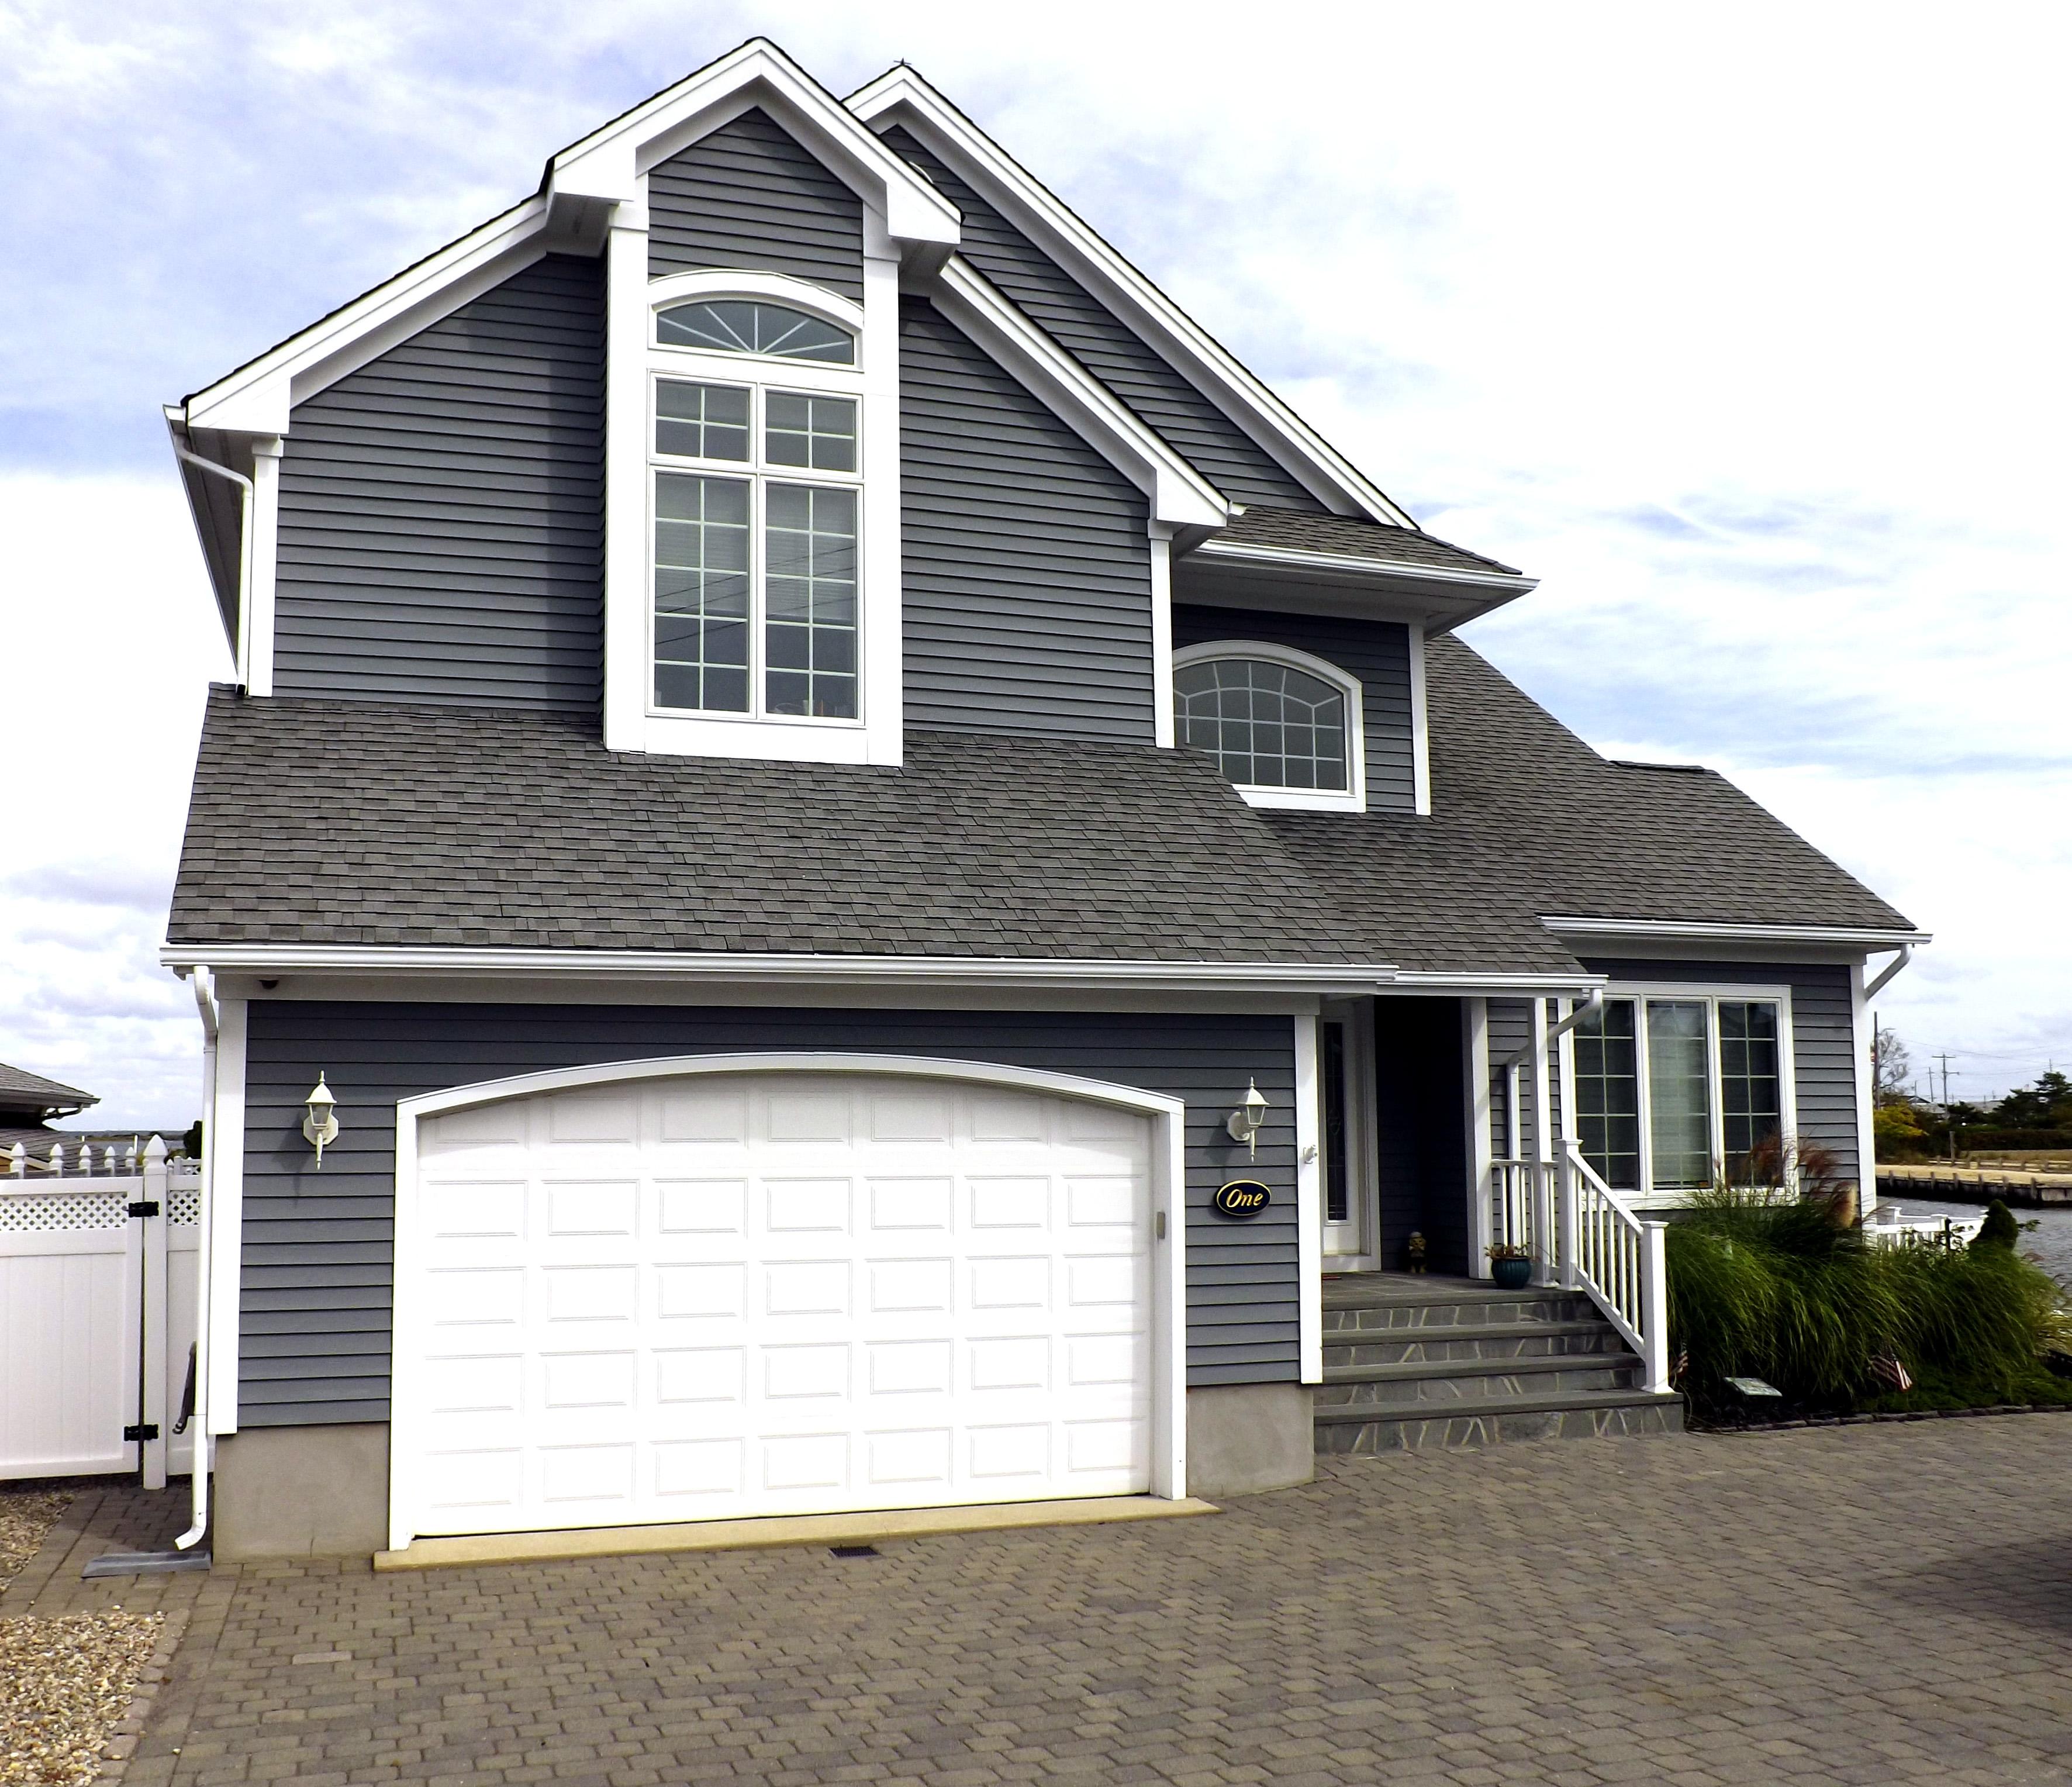 Luxury Home Builders Nj: Luxury Homes In NJ, Luxury Homes For